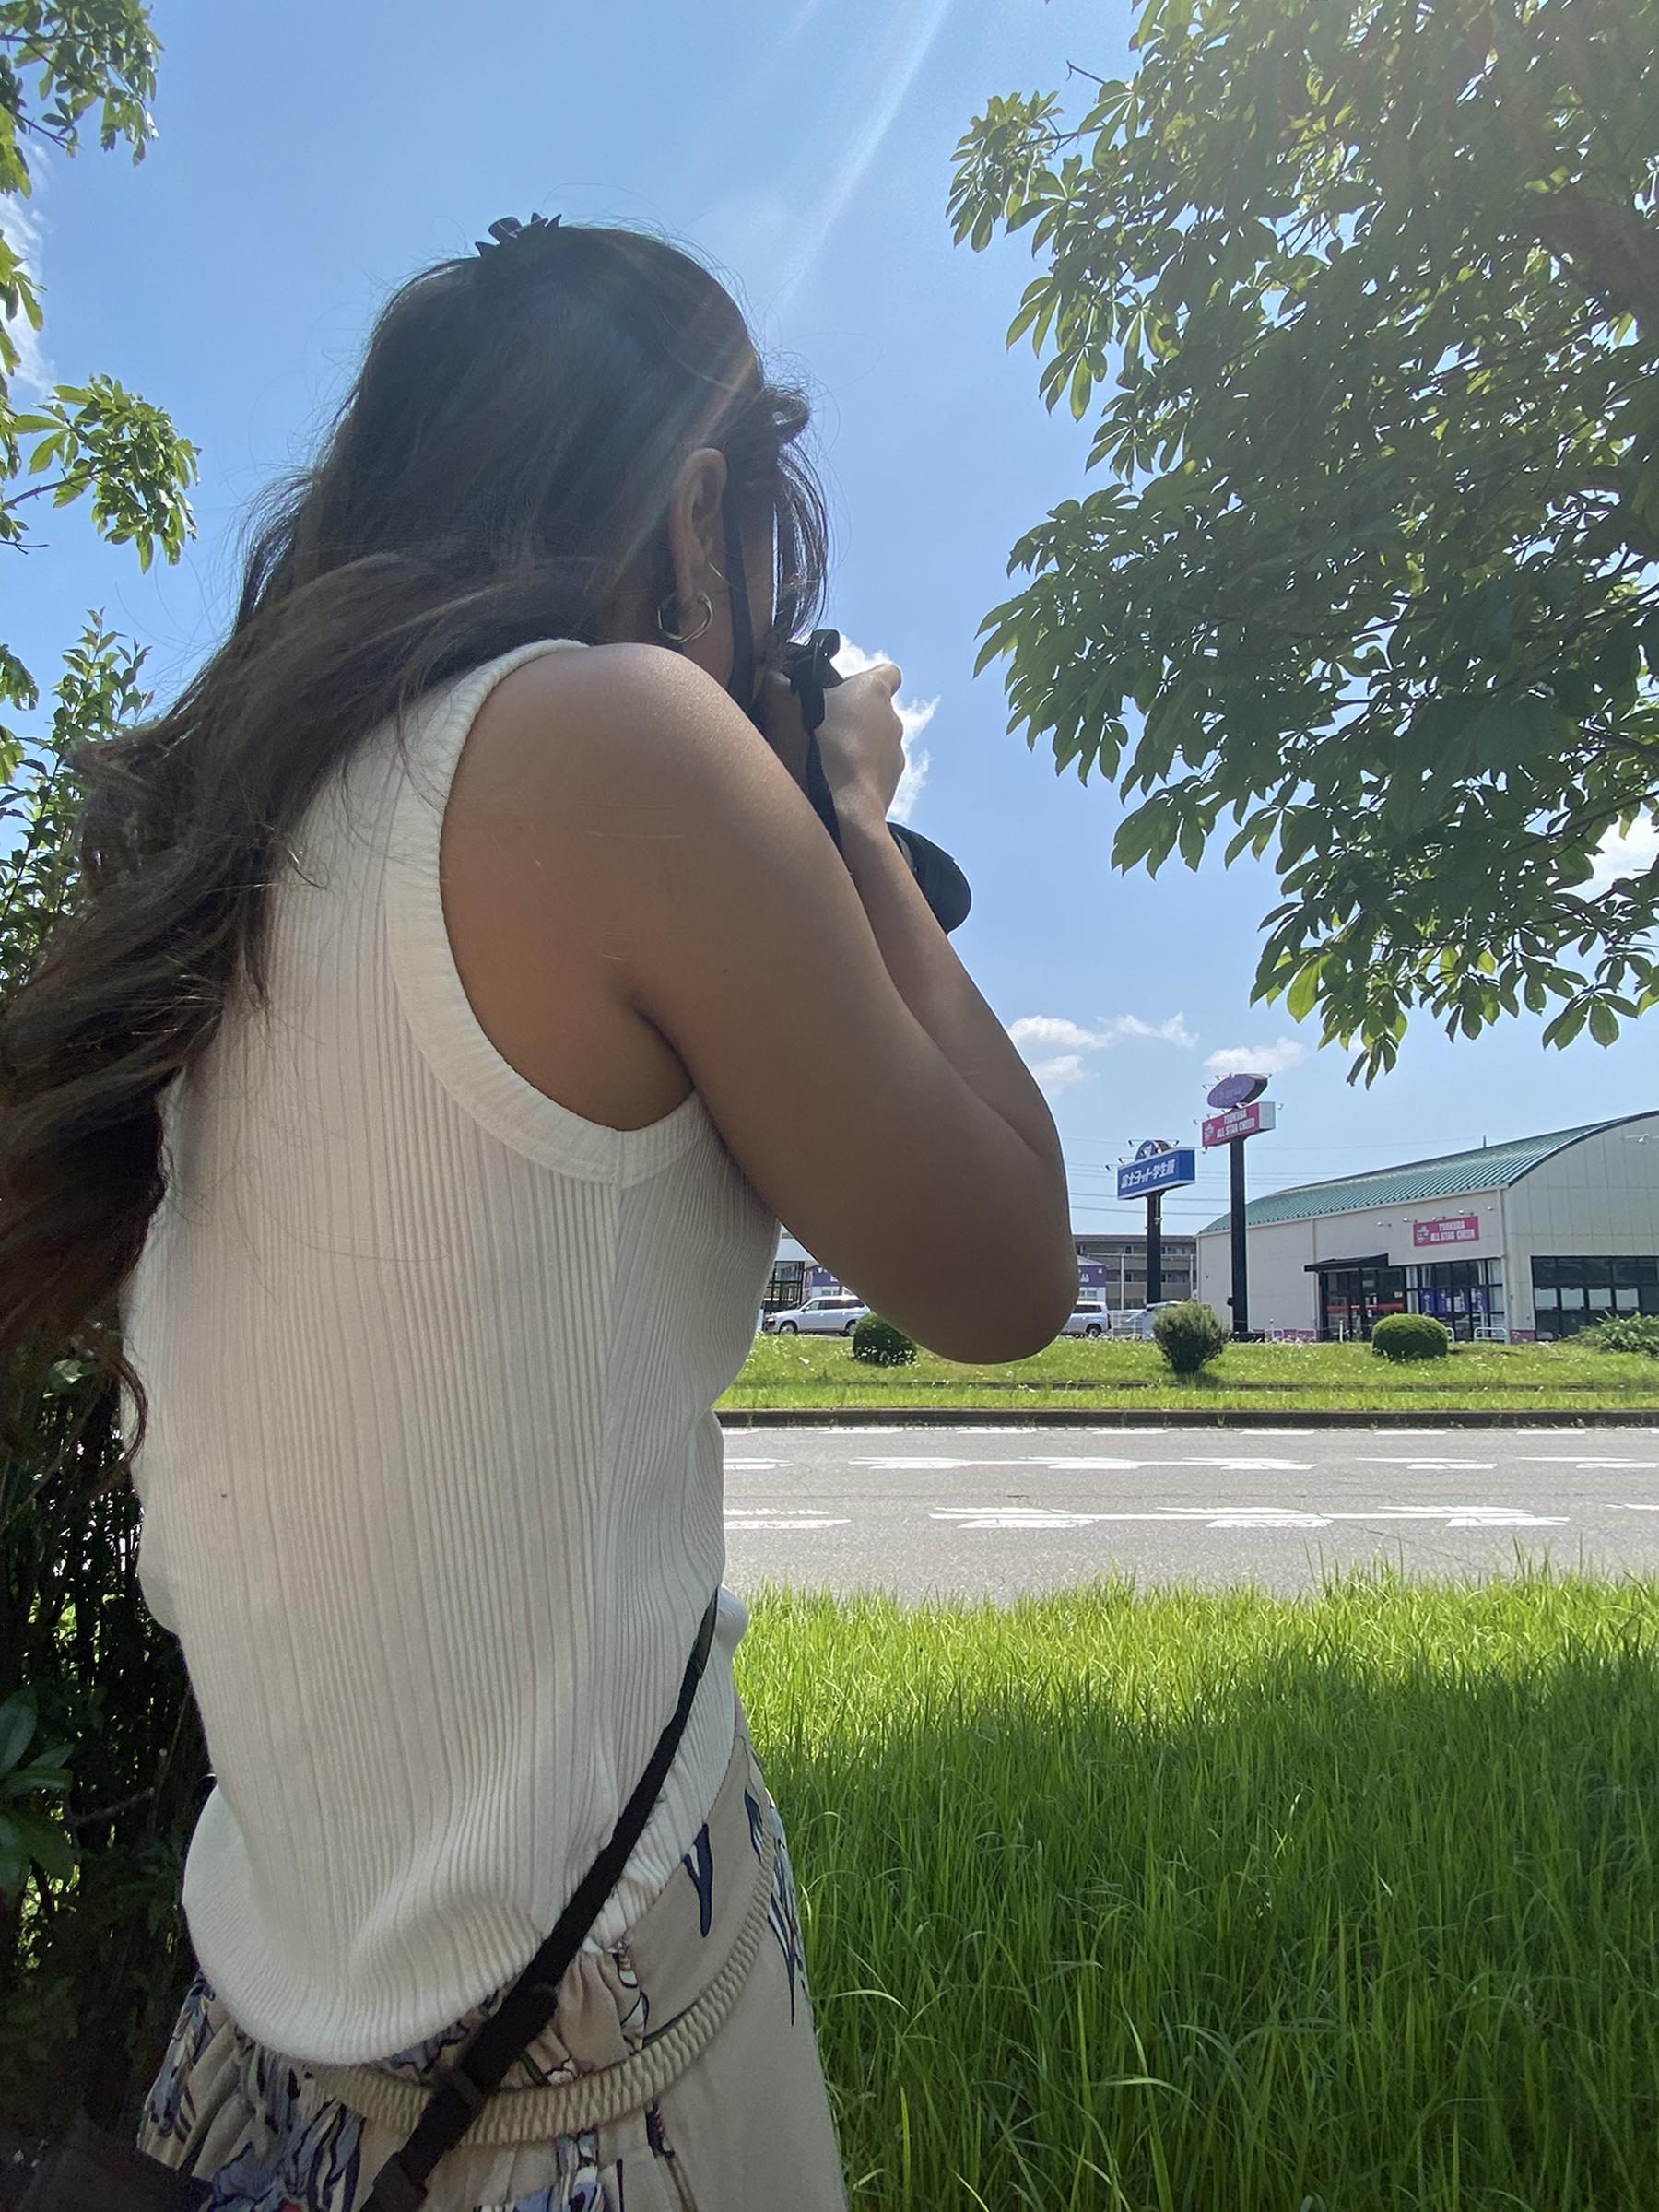 カメラマンと夏日のとある撮影page-visual カメラマンと夏日のとある撮影ビジュアル